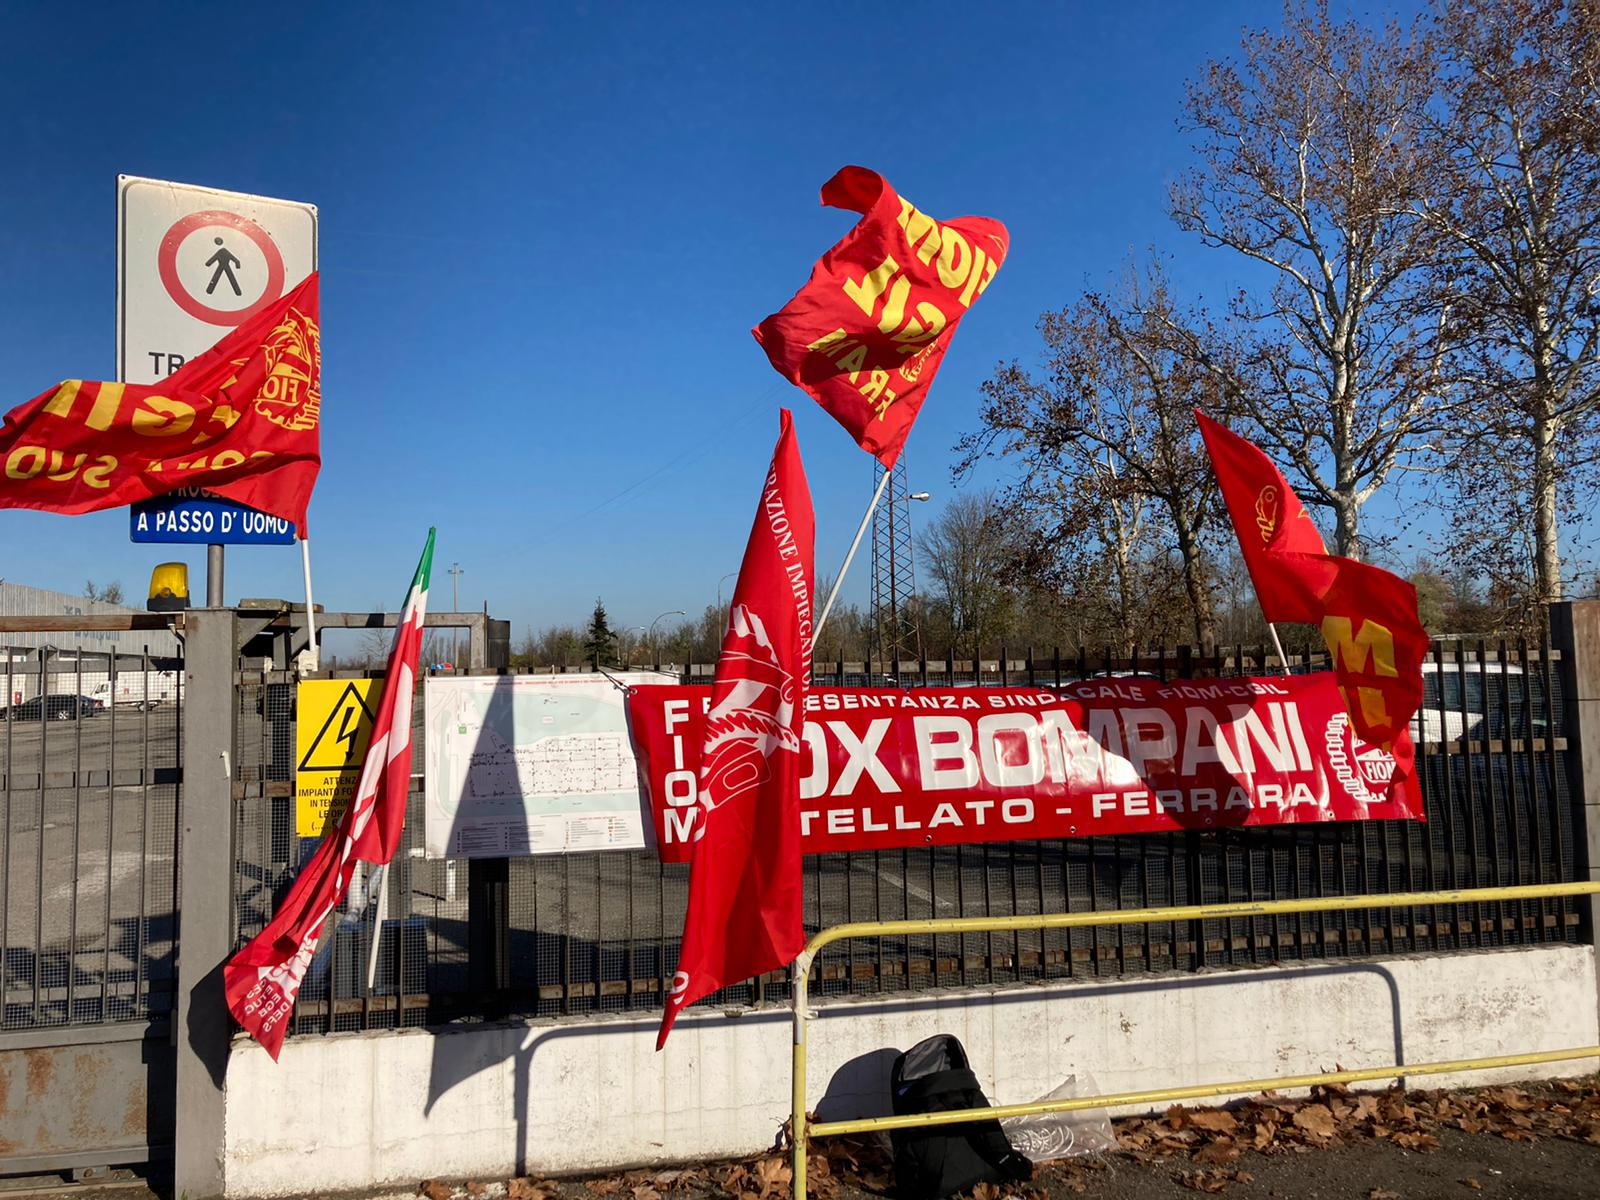 Prosegue lo sciopero in Fox Bompani